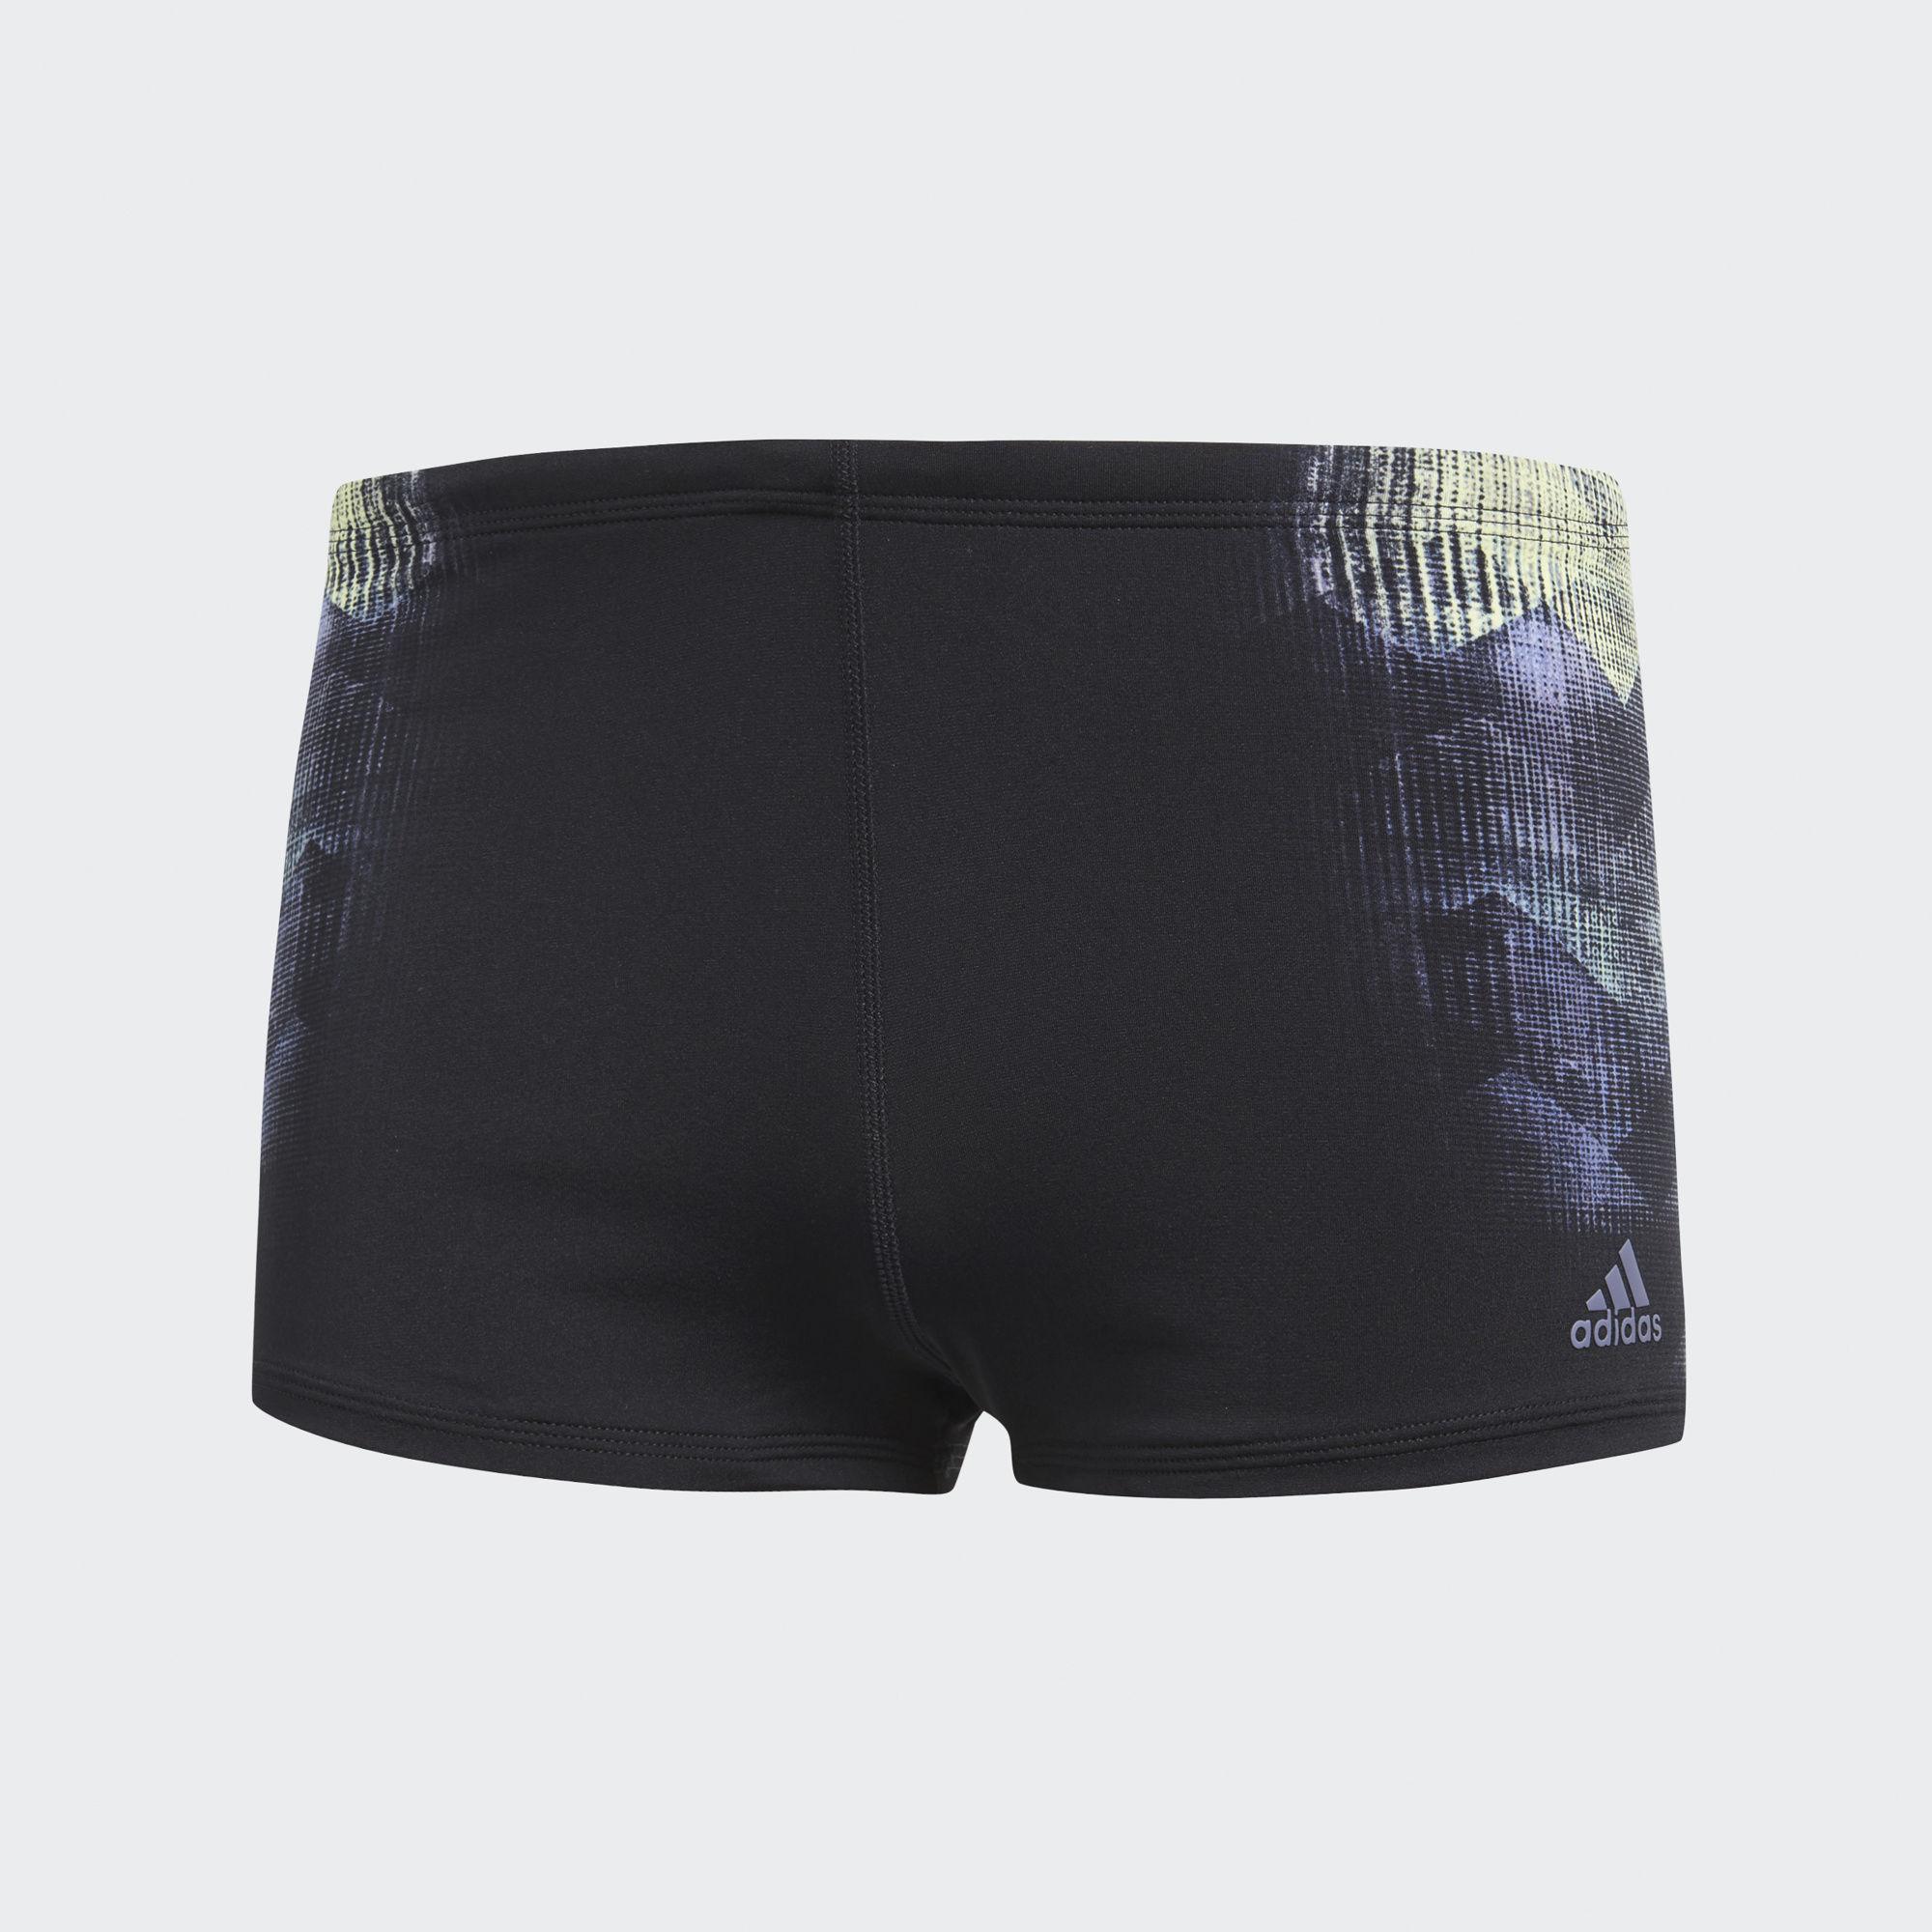 Плавки мужские adidas Per Bx Pl Adz, цвет: черный. CW4853. Размер 4 (46)